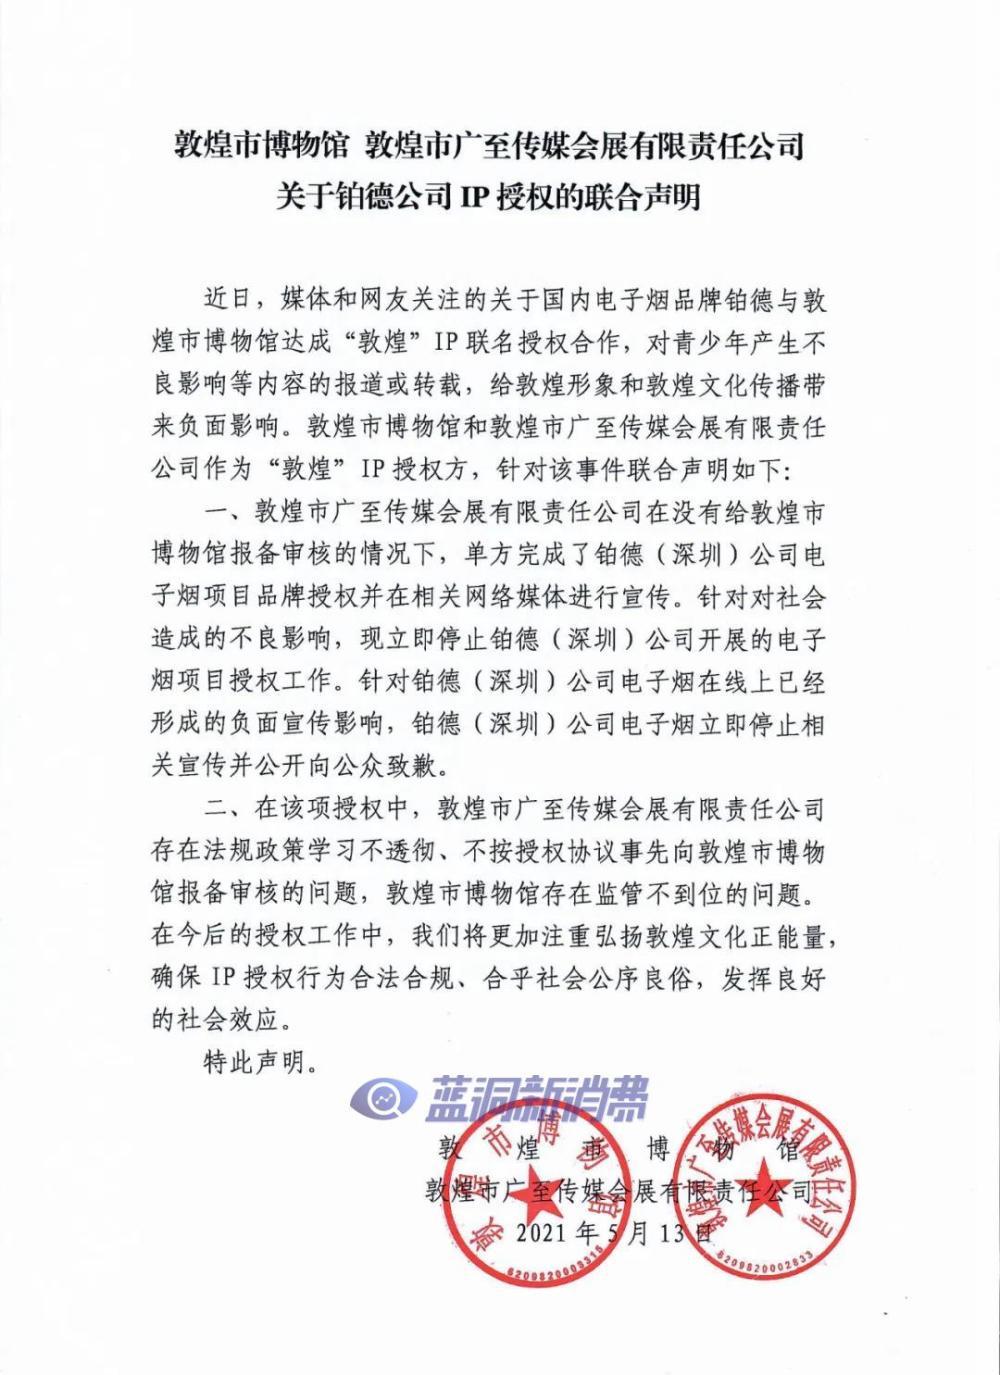 敦煌博物馆发表联合声明:监管不到位 停止与铂德IP授权合作